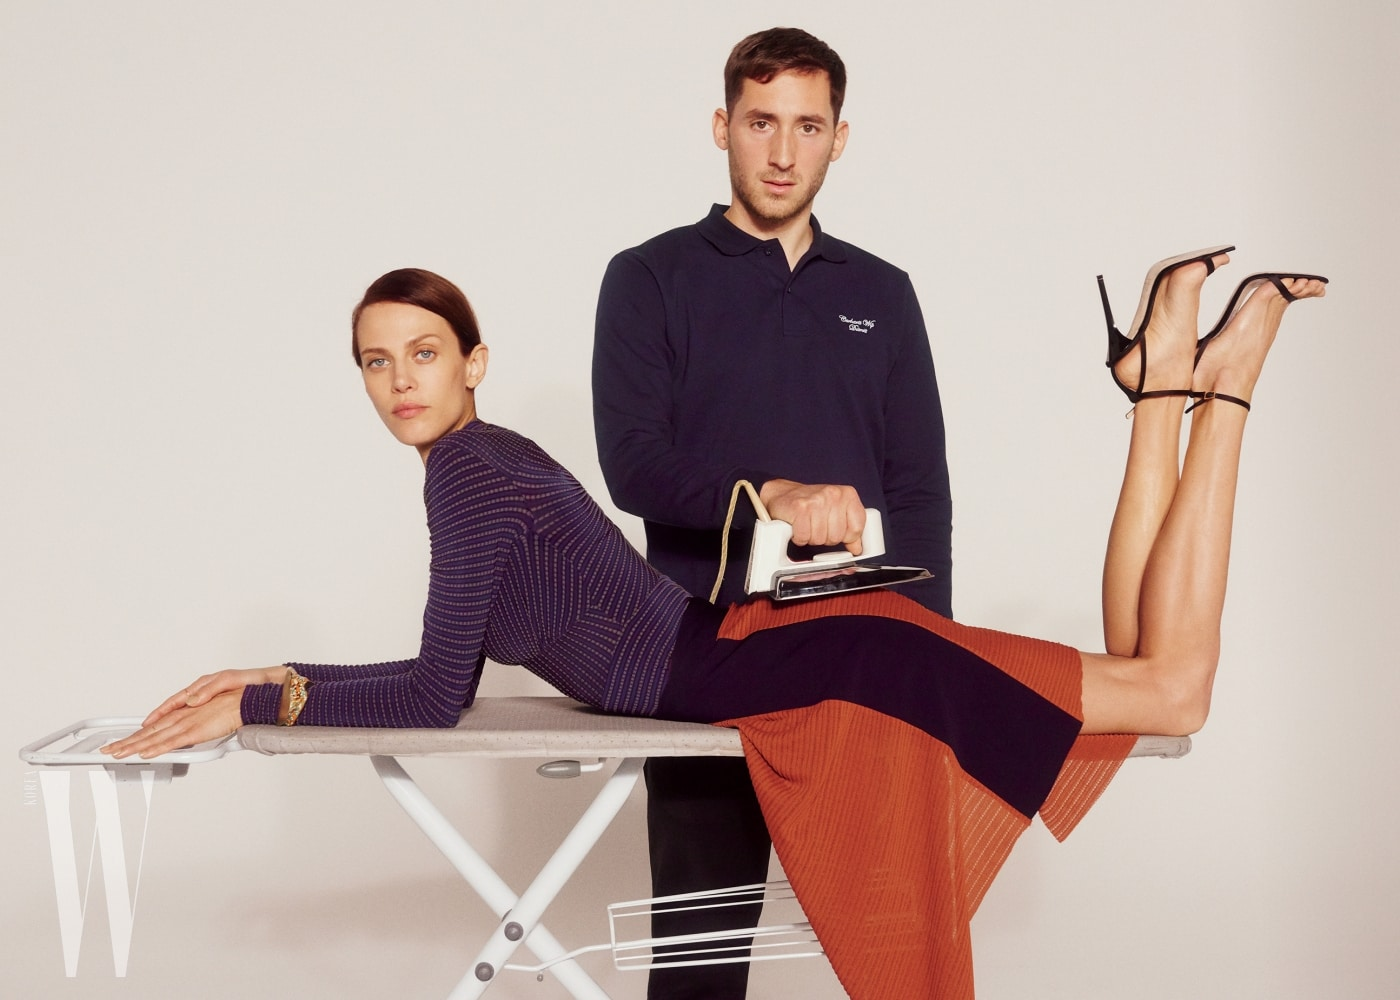 아이멜린 발라드가 입은 줄무늬 톱과 스커트, 유연한 커팅이 돋보이는 슬리브리스 톱과 슬릿 스커트는 모두 아틀랭 제품. 슈즈는 지미 추 제품.